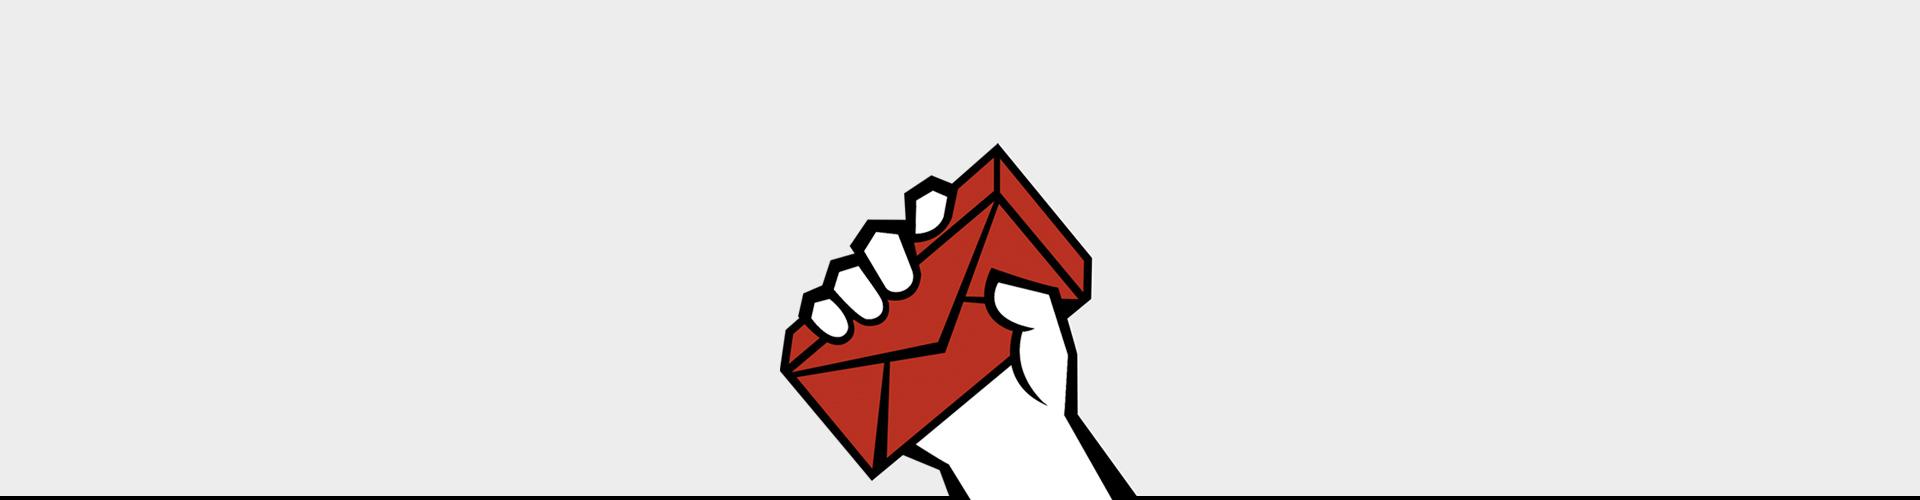 关于红板砖外贸开发信